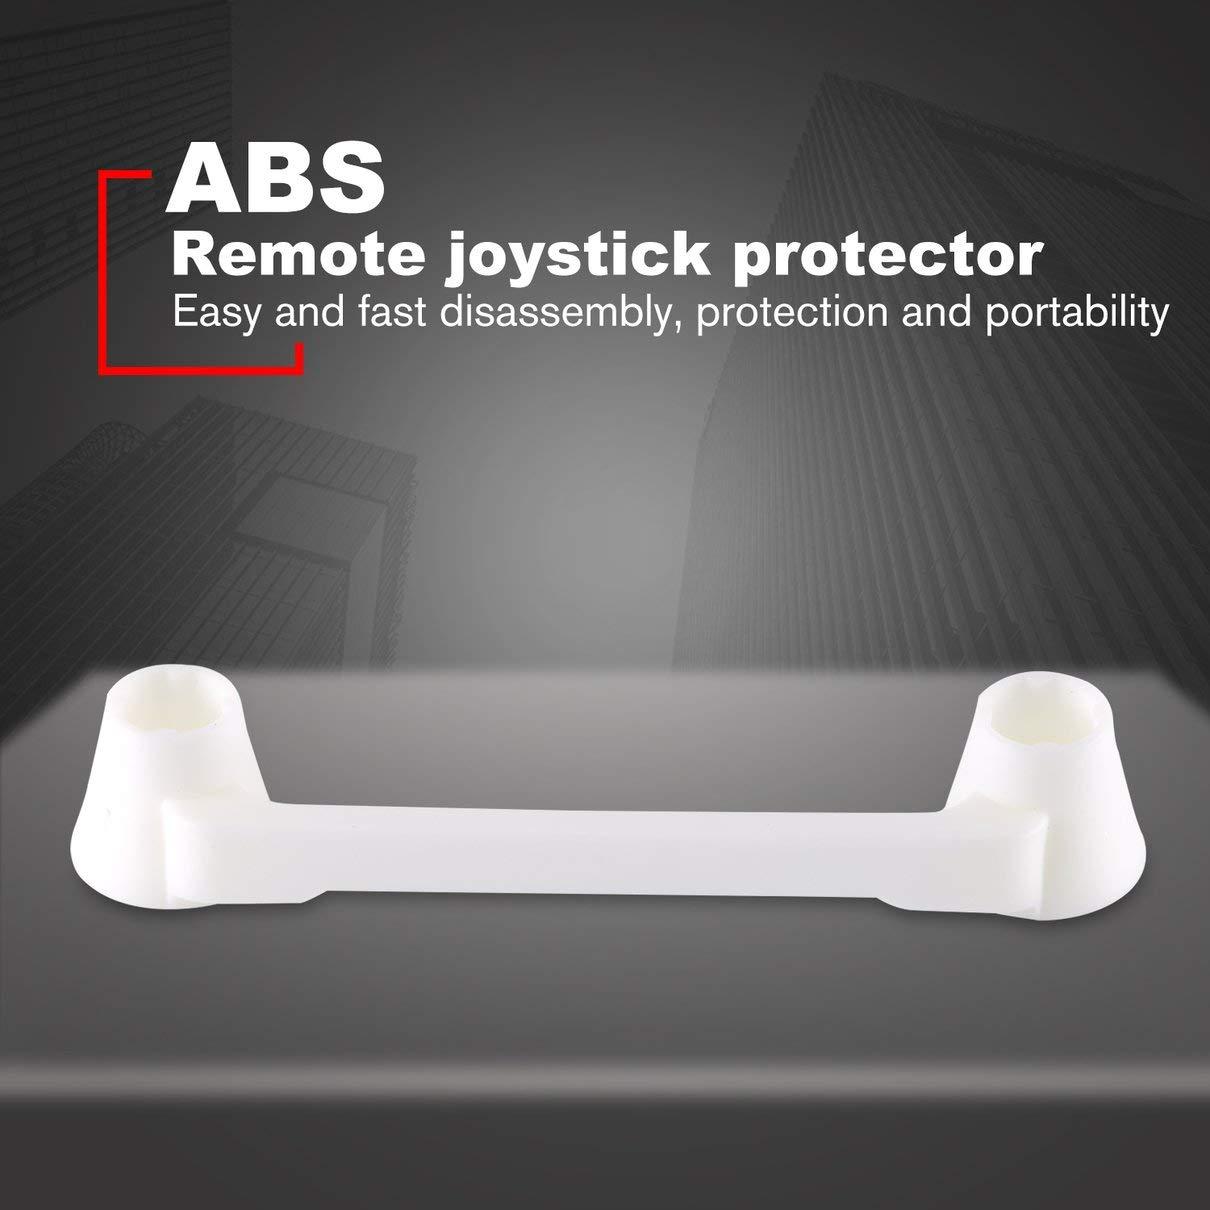 Blanco Togames Control Remoto Rocker Arm Bar Soporte de protecci/ón ABS Soporte Fijo para Hubsan Zino H117S RC Drone Accesorios Joysticks Protector